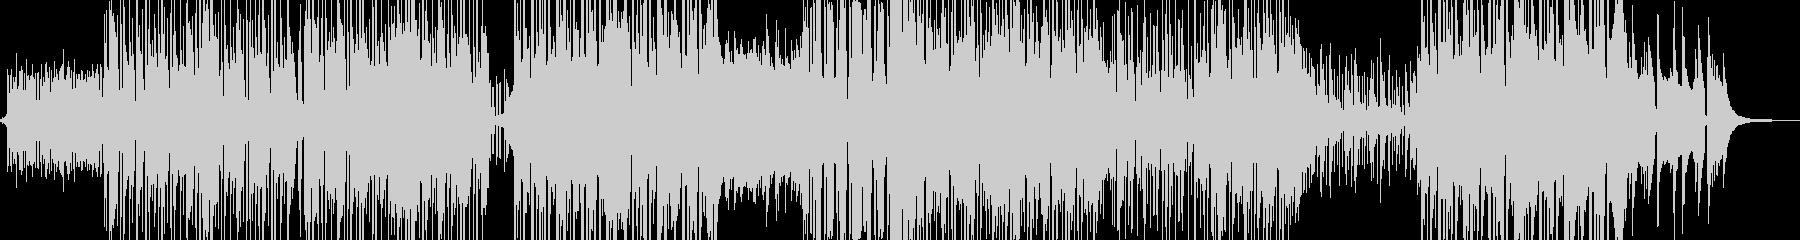 和装・渋い和楽器・ヒップホップ 短尺の未再生の波形